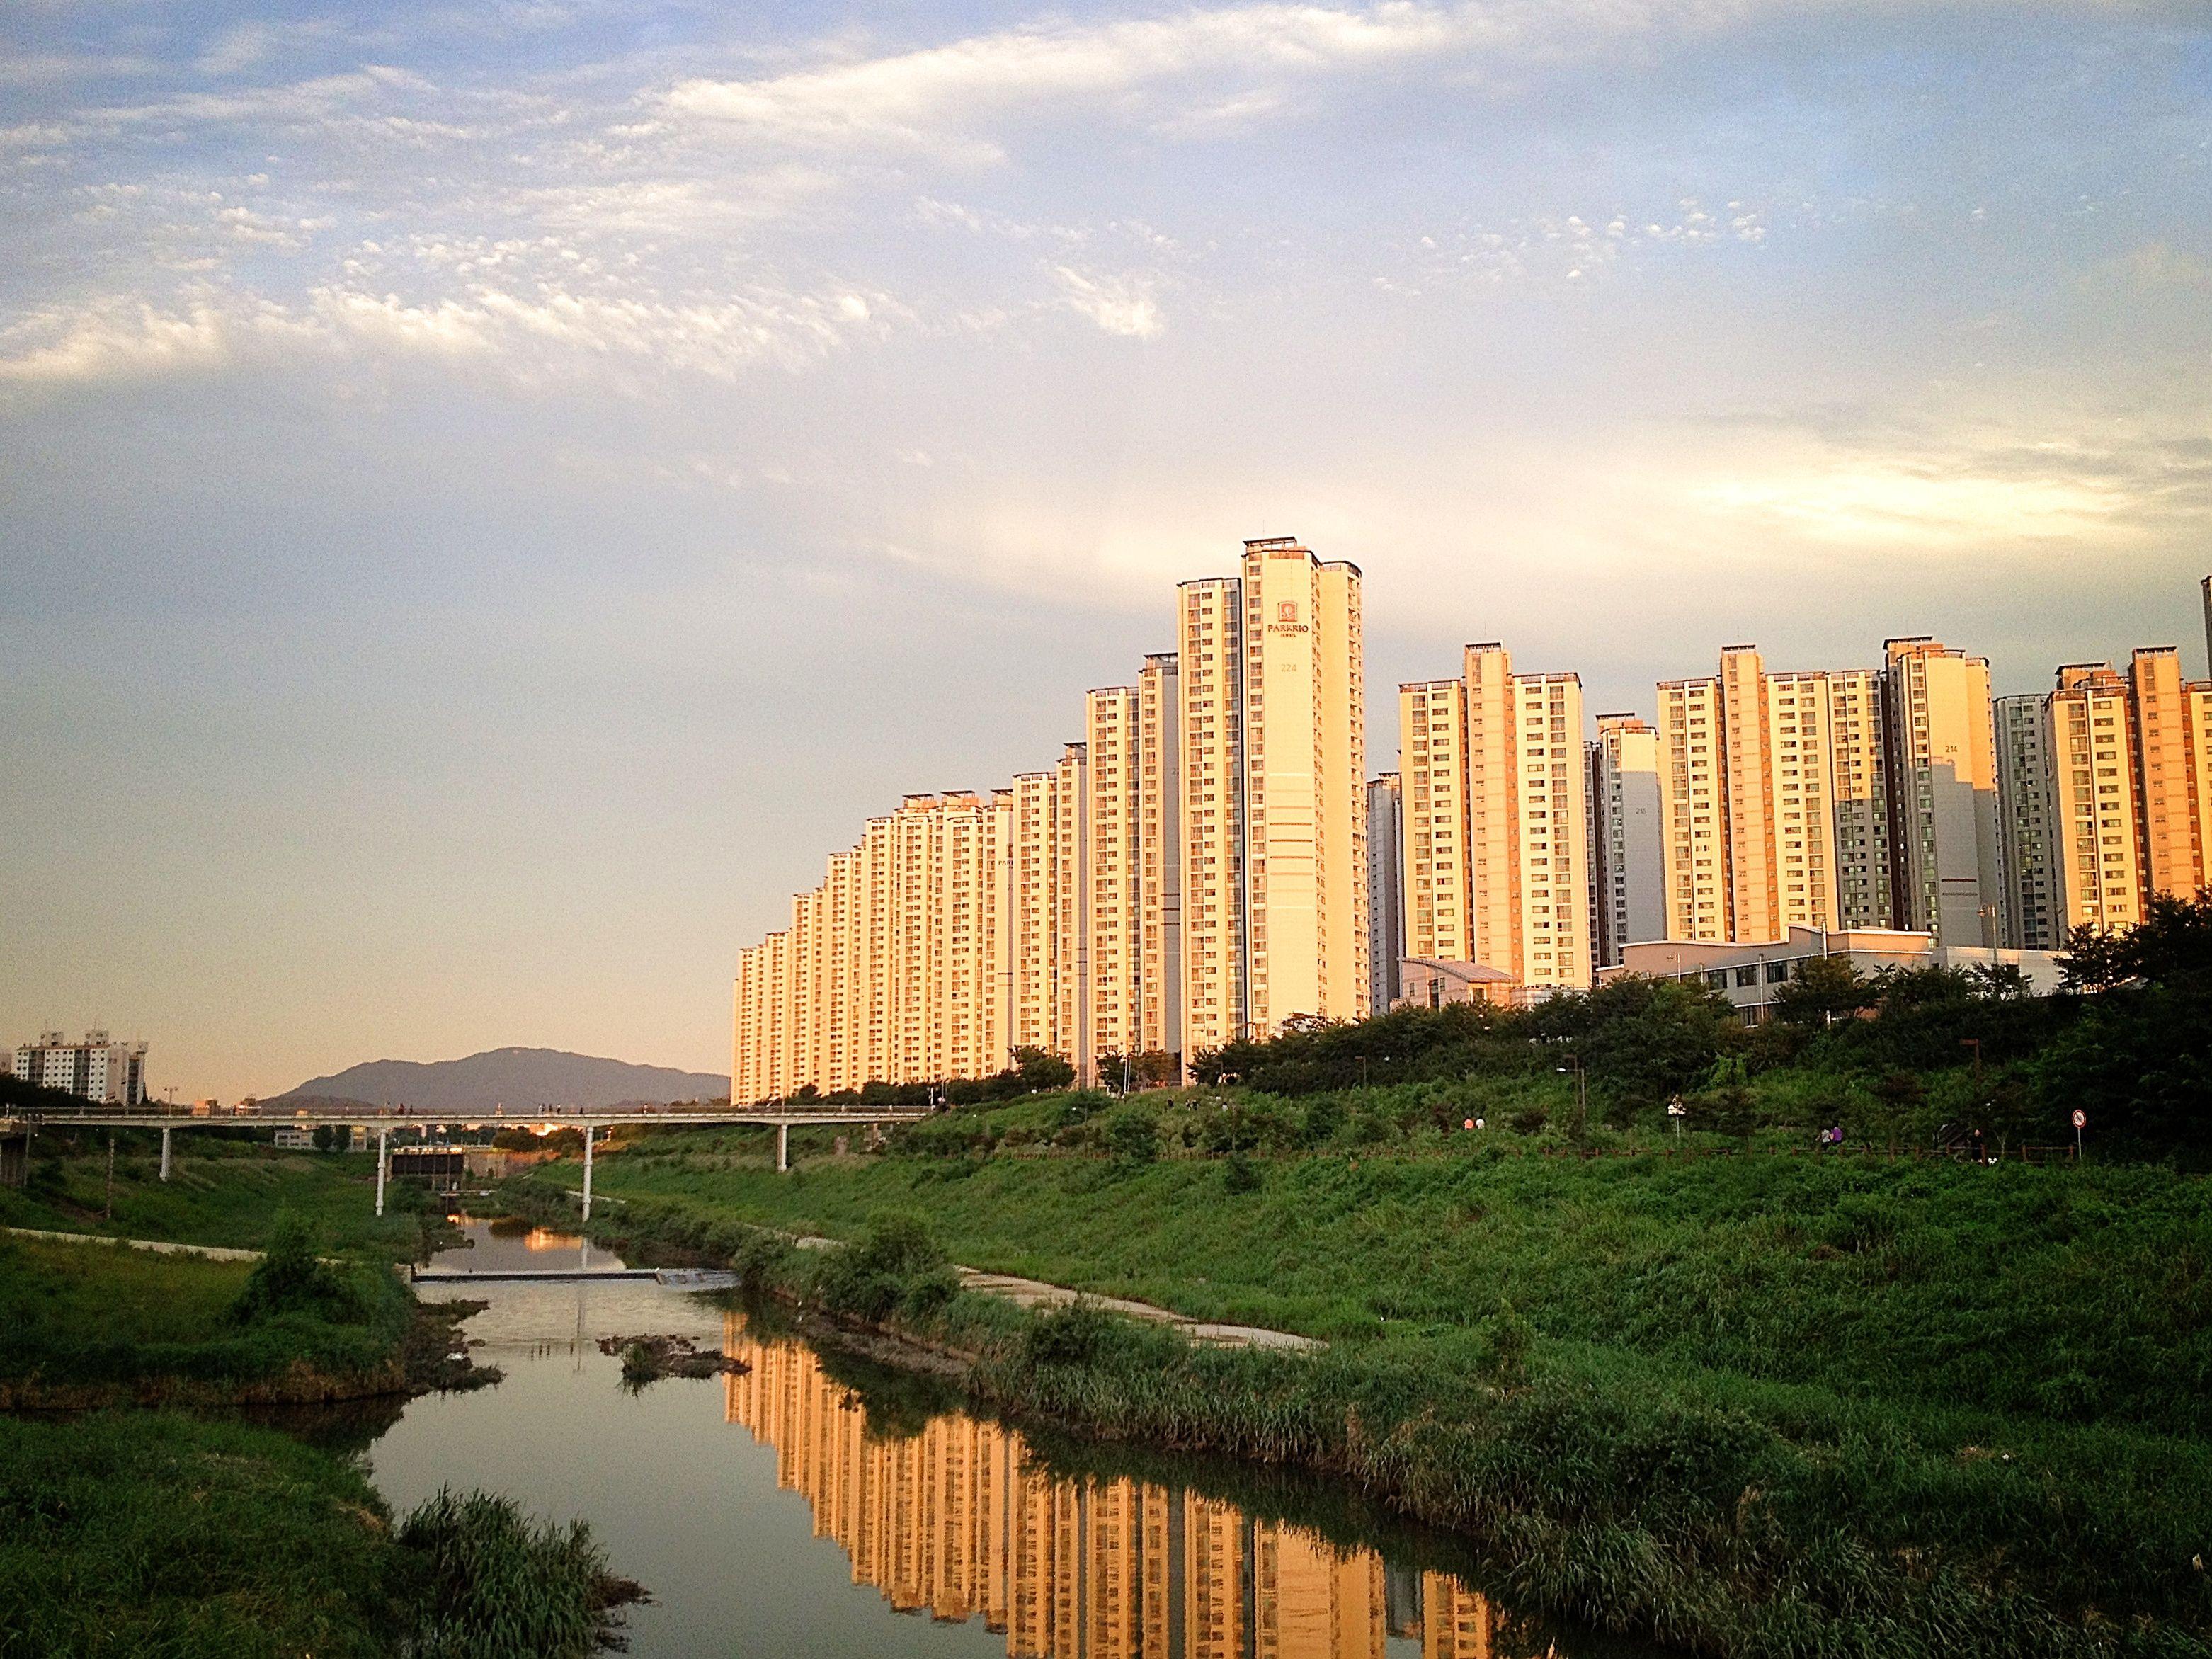 Songnae Stream, S E Seoul, South Korea